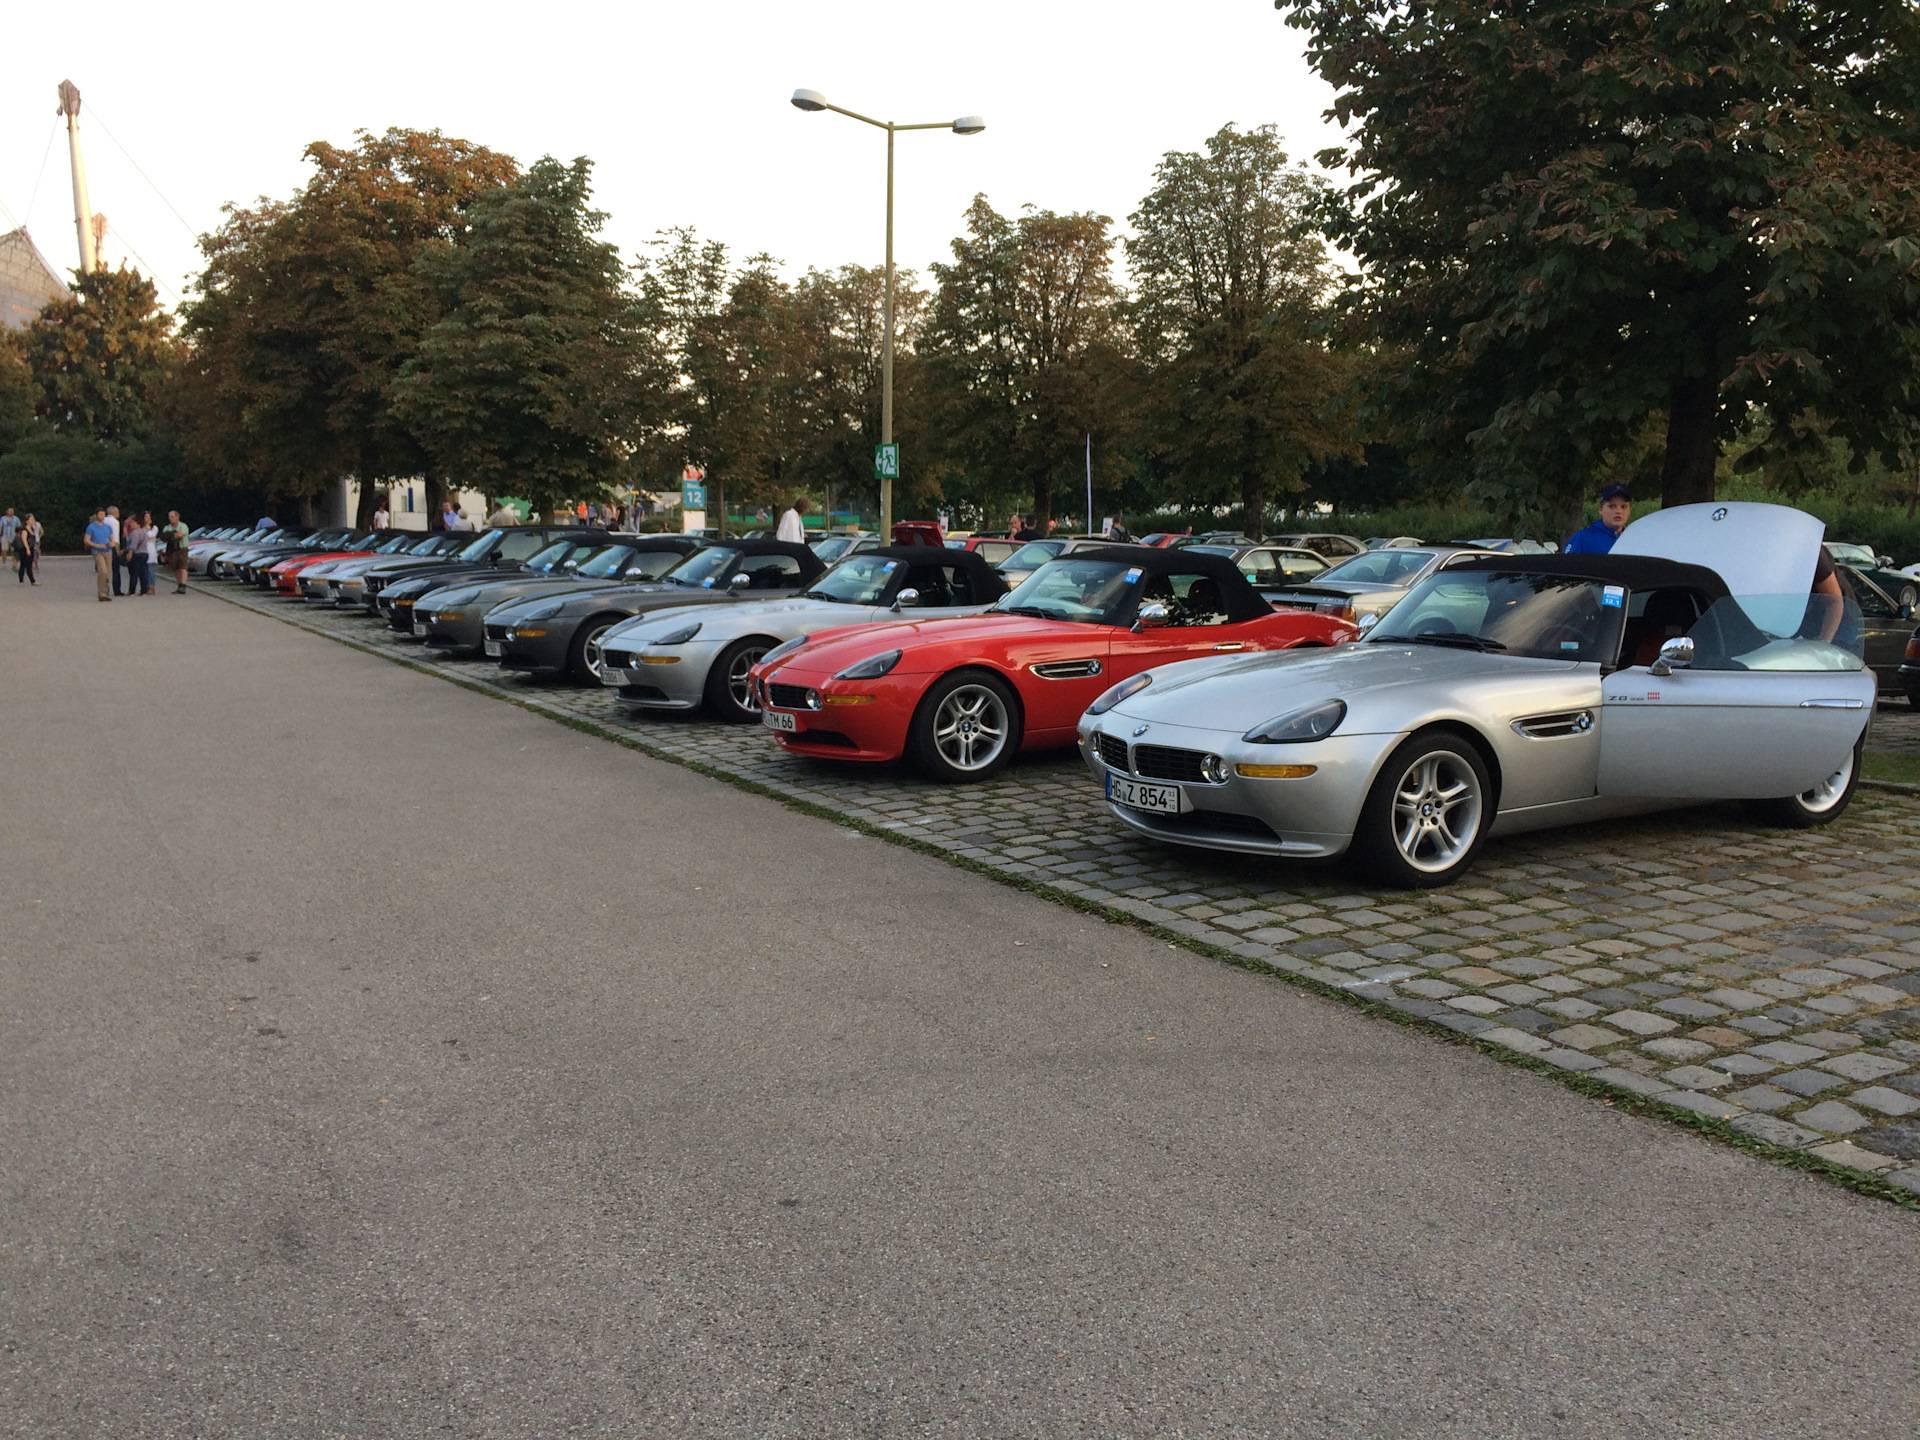 Аренда авто в мюнхене: условия, прокат в аэропорту и стоимость